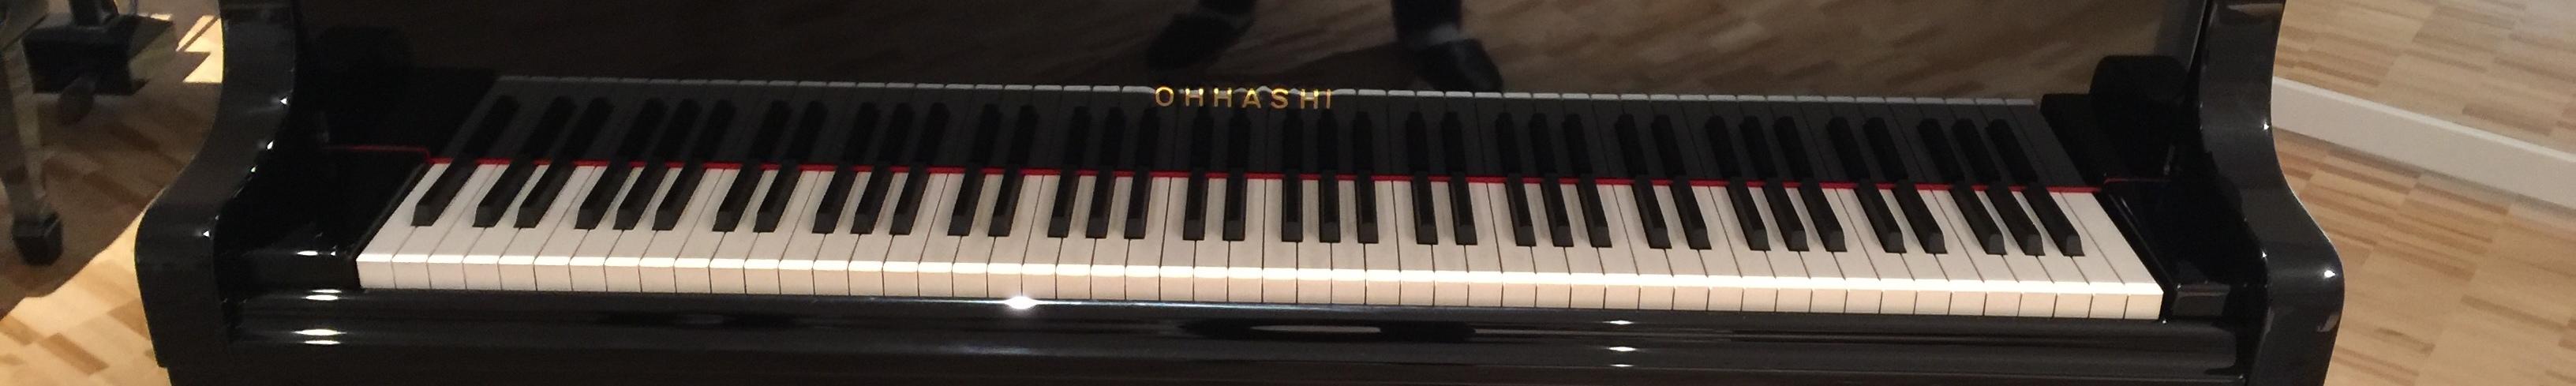 莱亚钢琴 banner